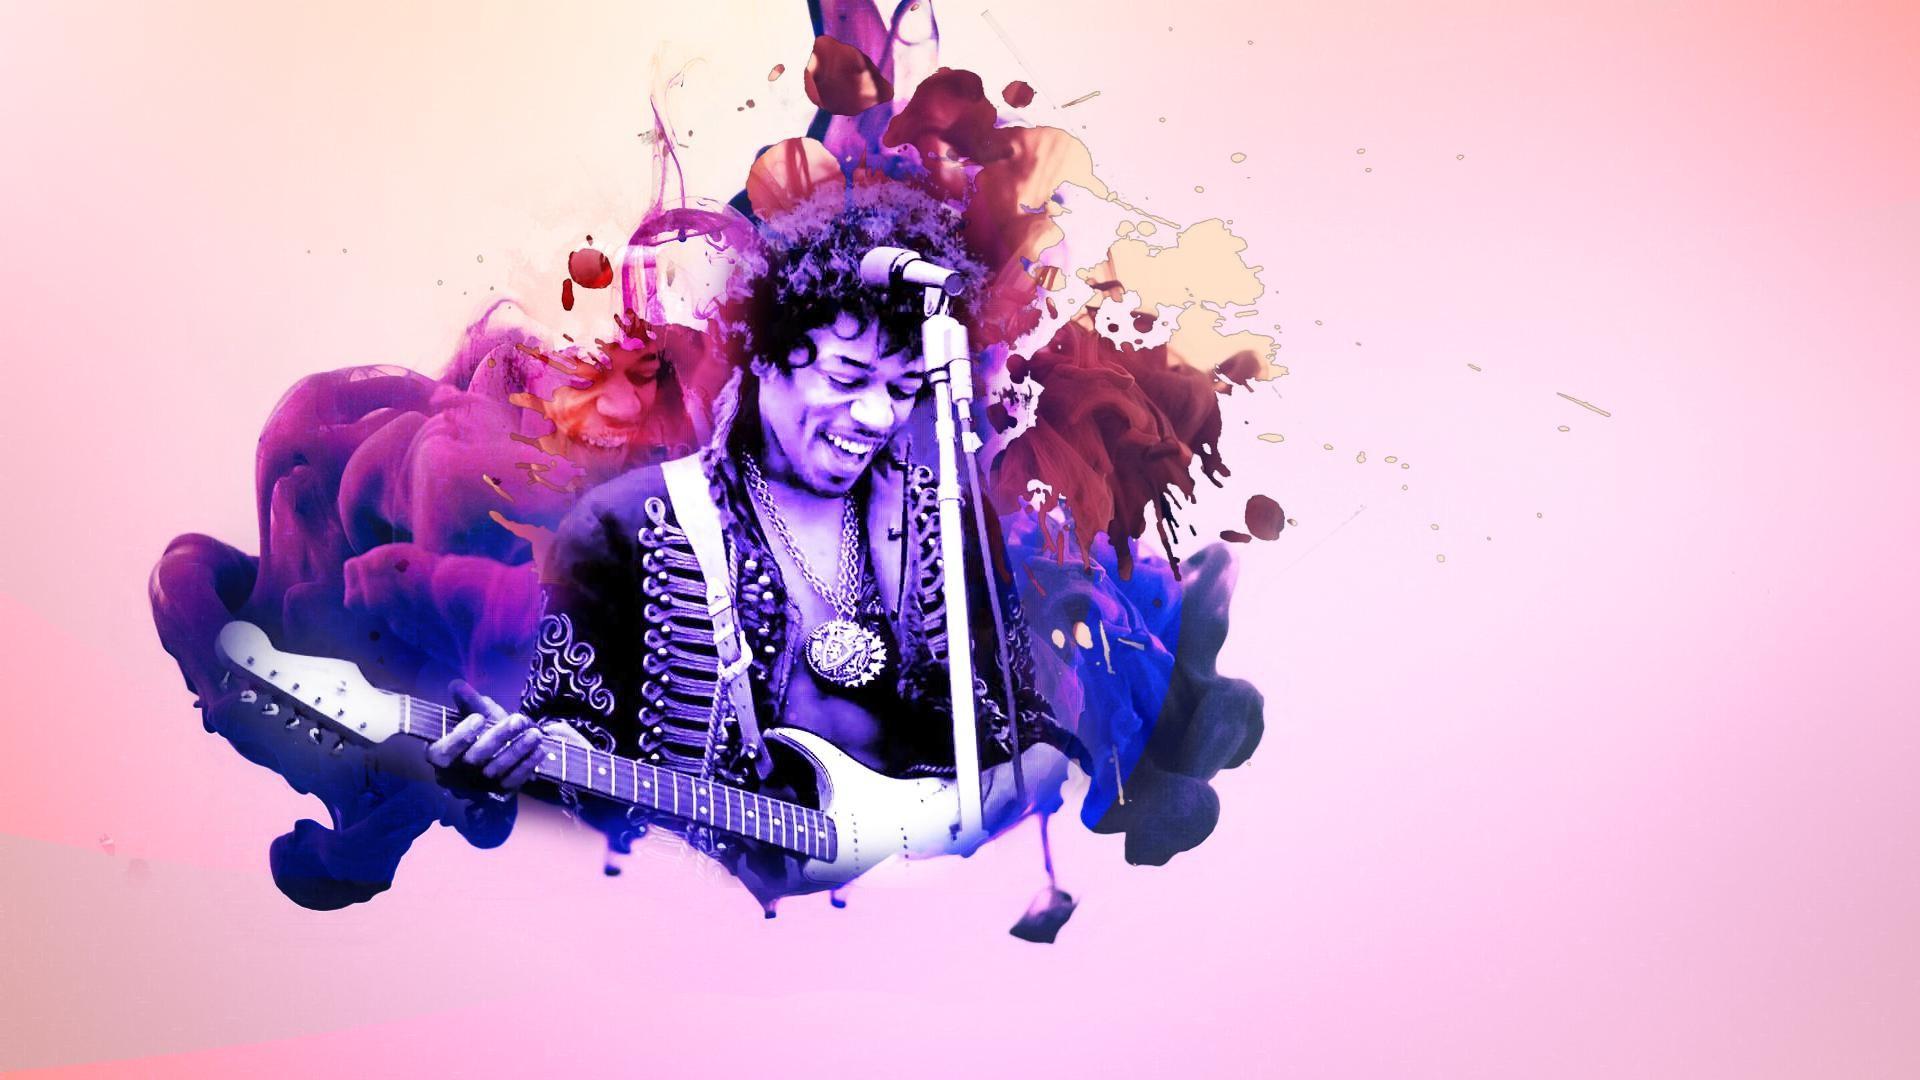 HD Jimi Hendrix Wallpapers